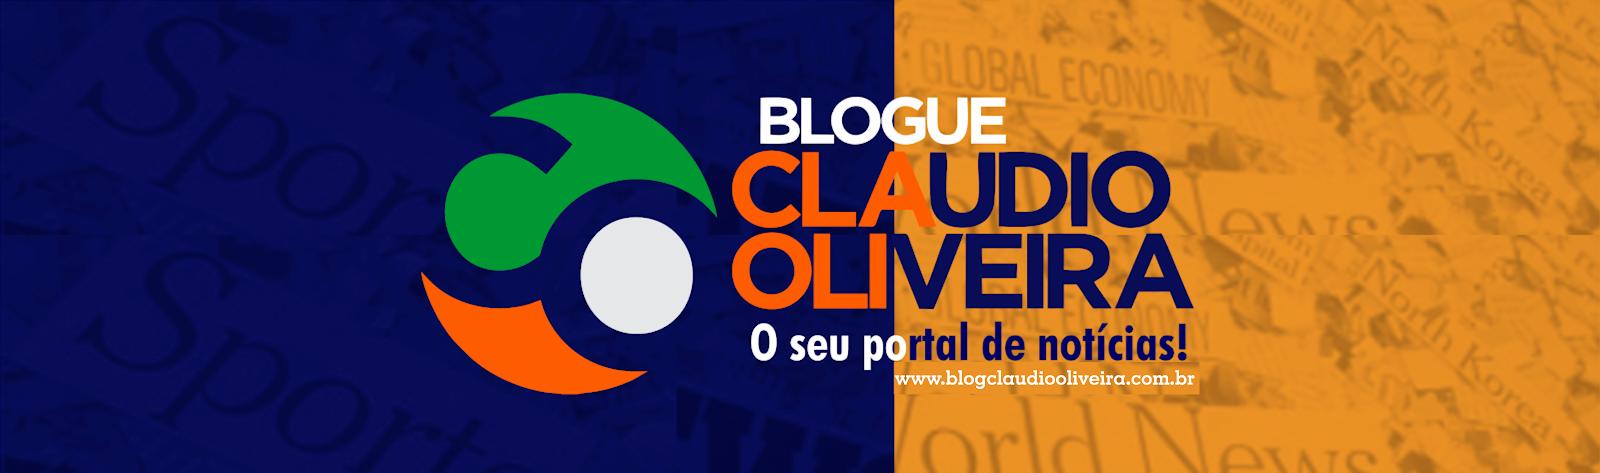 Blogue Claudio Oliveira